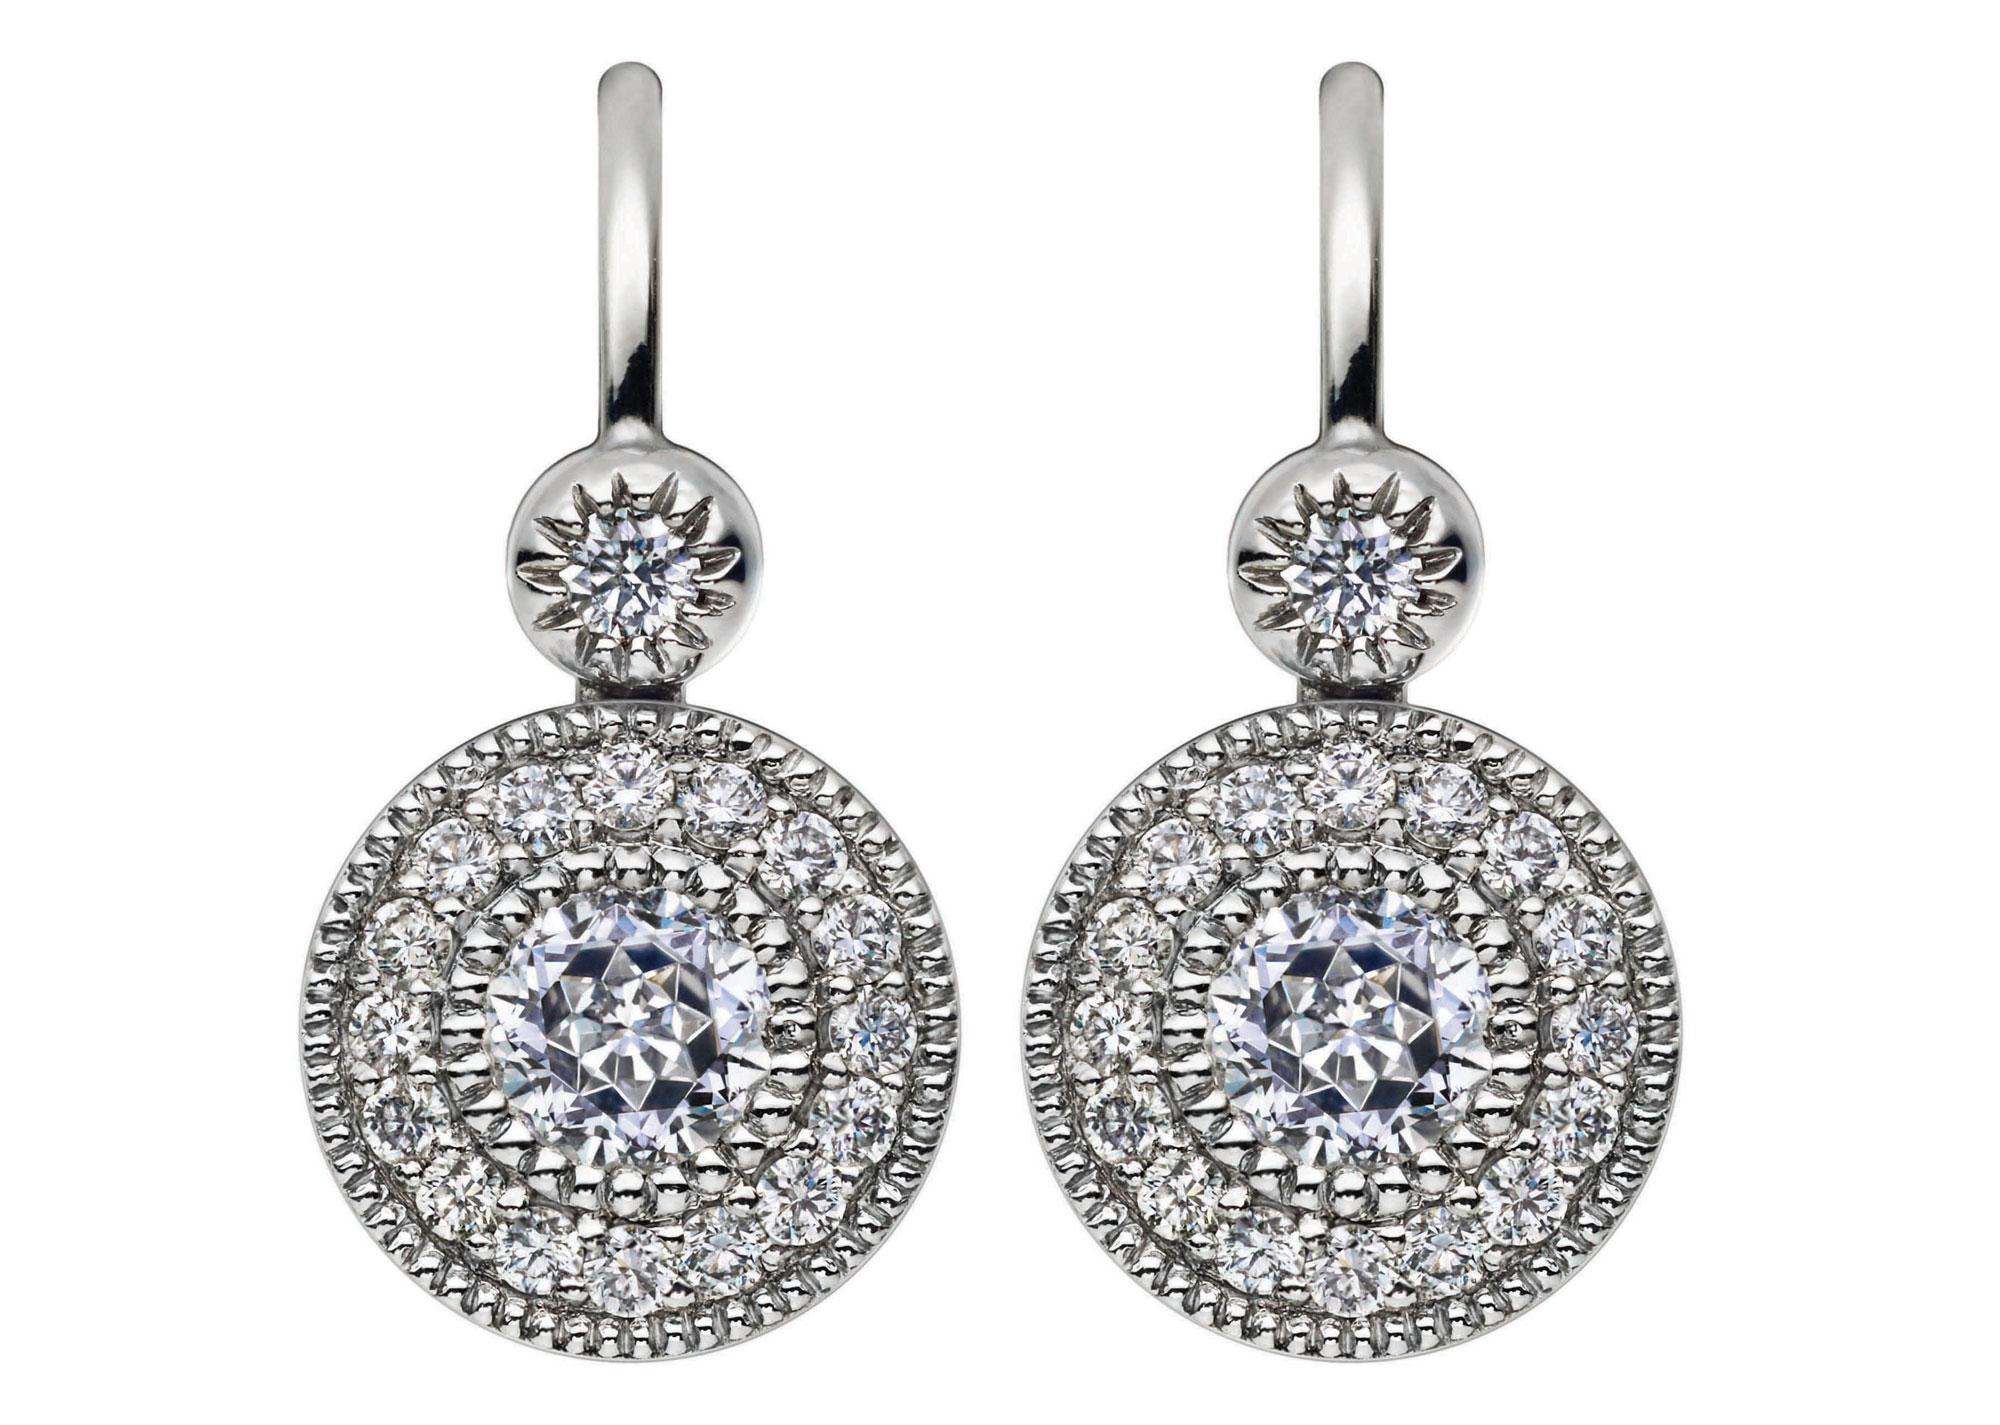 Mastercut Diamond Earrings